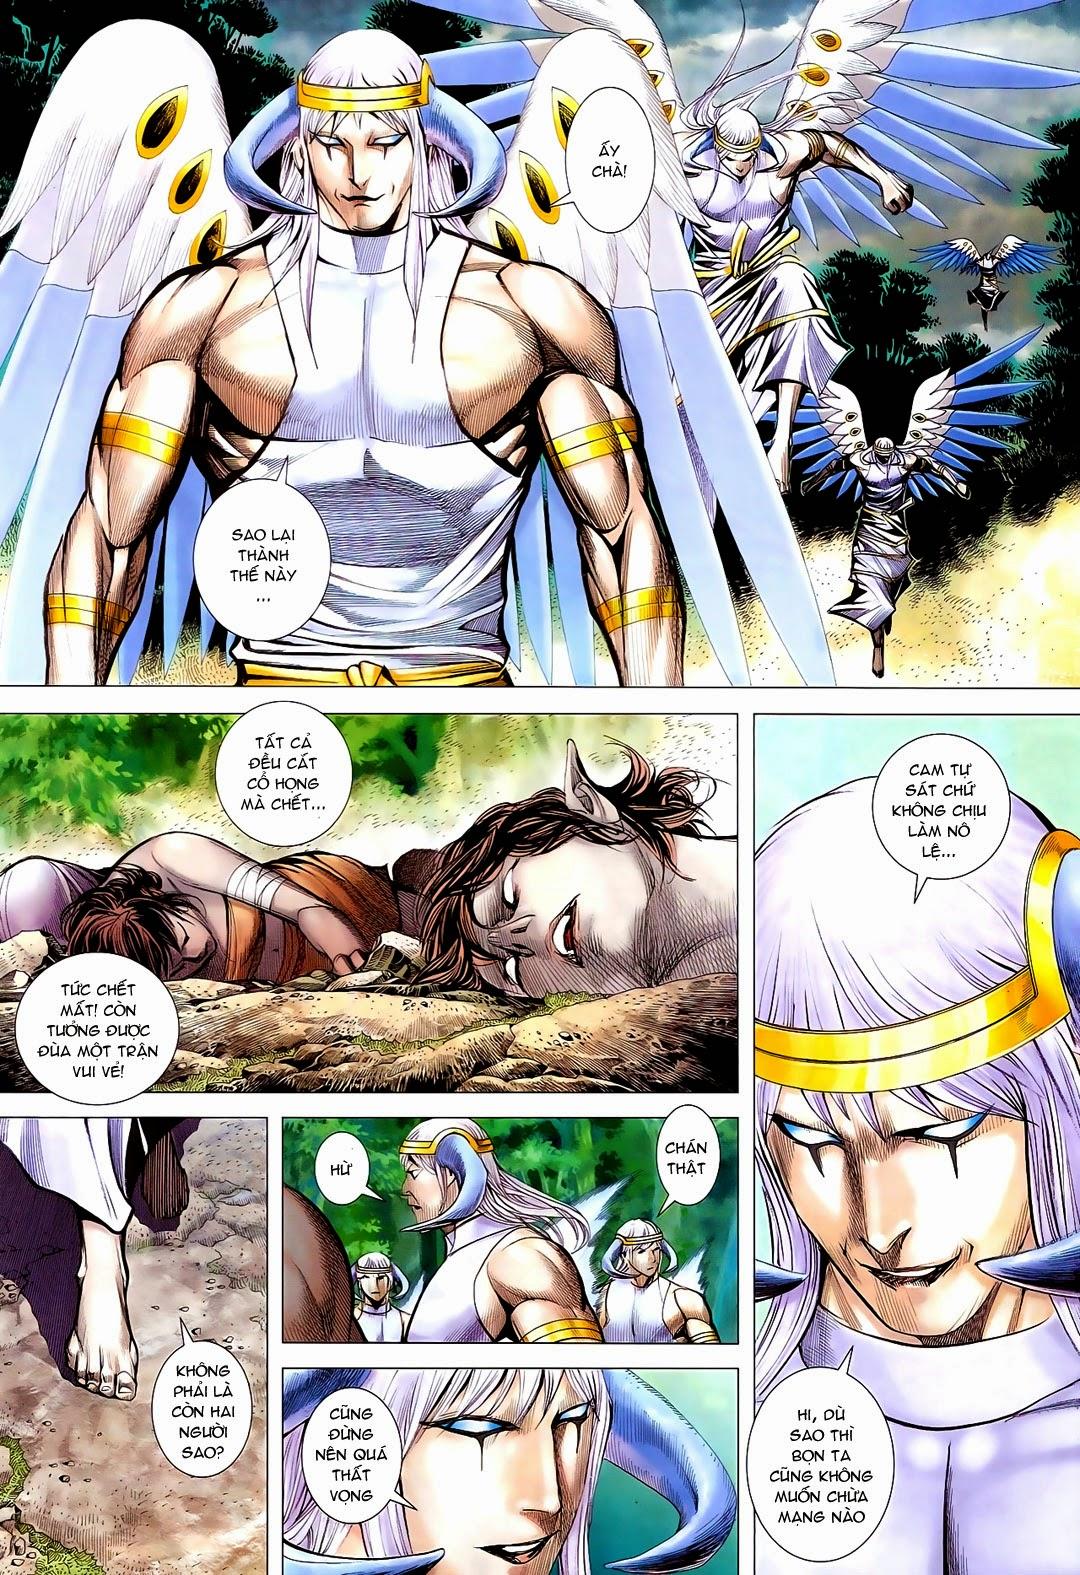 Phong Thần Ký Chap 171 - Trang 18